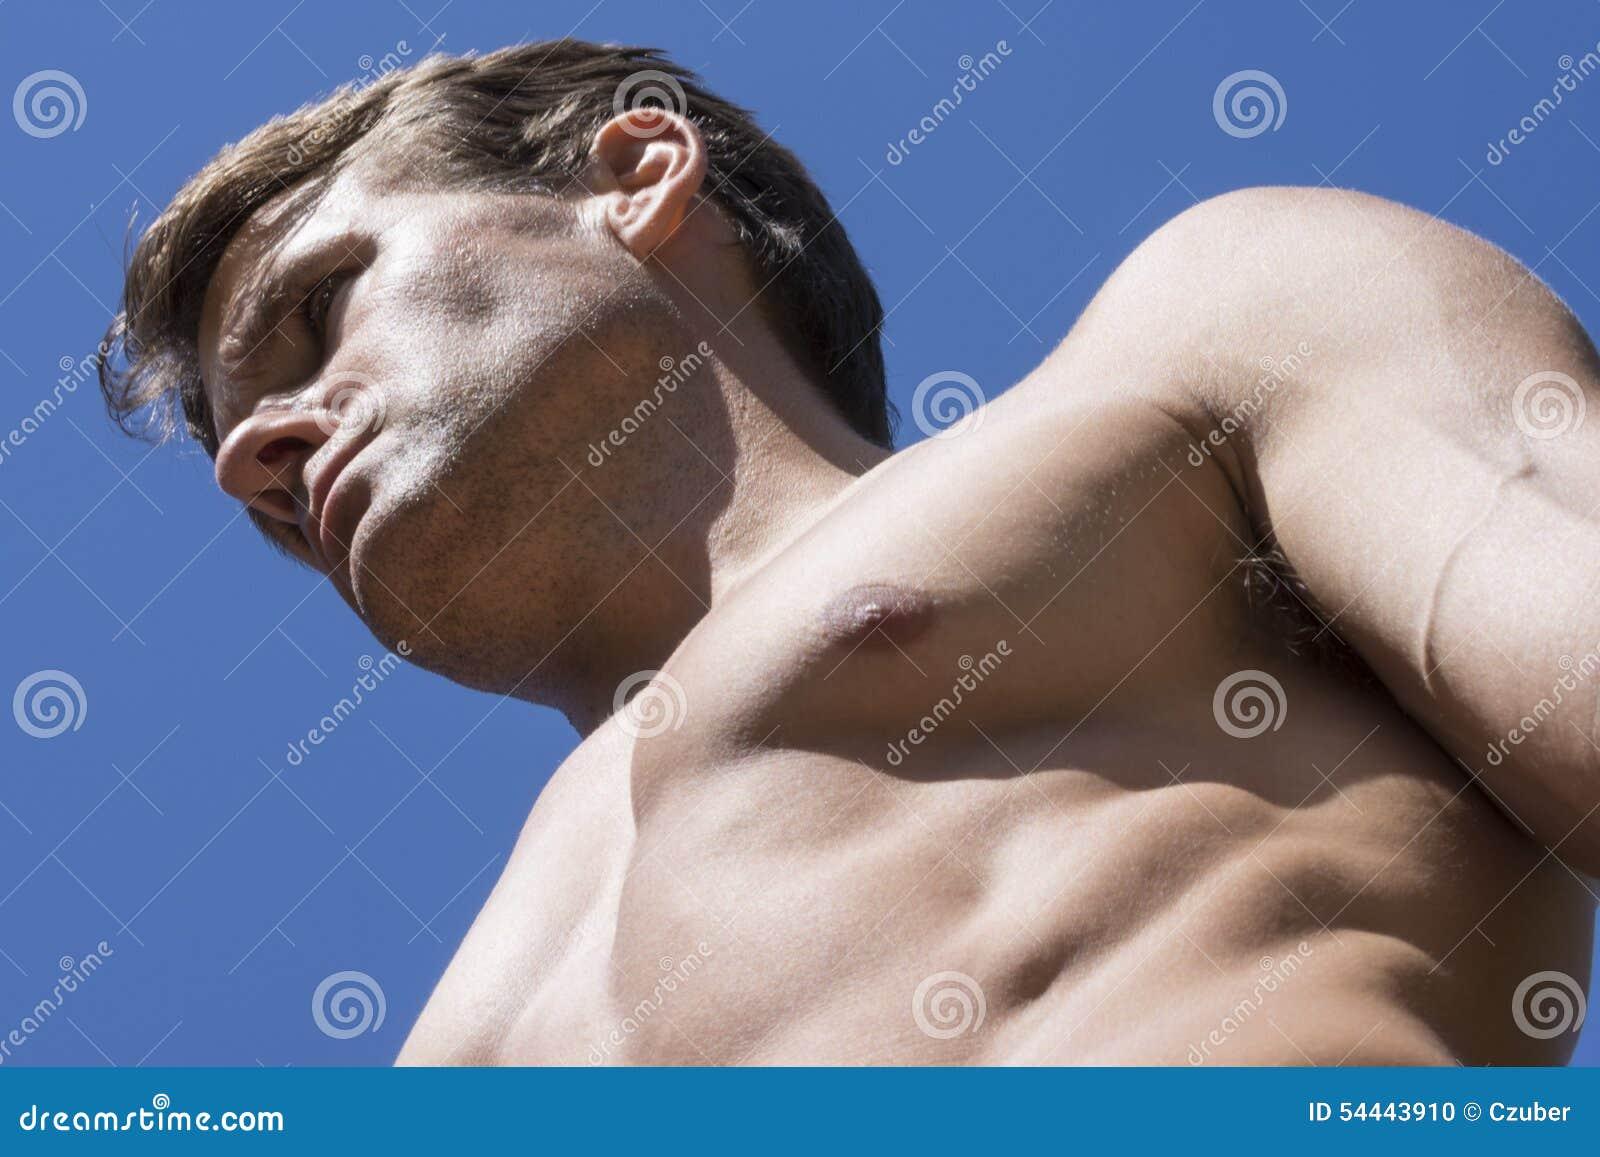 Spier mannelijke homp